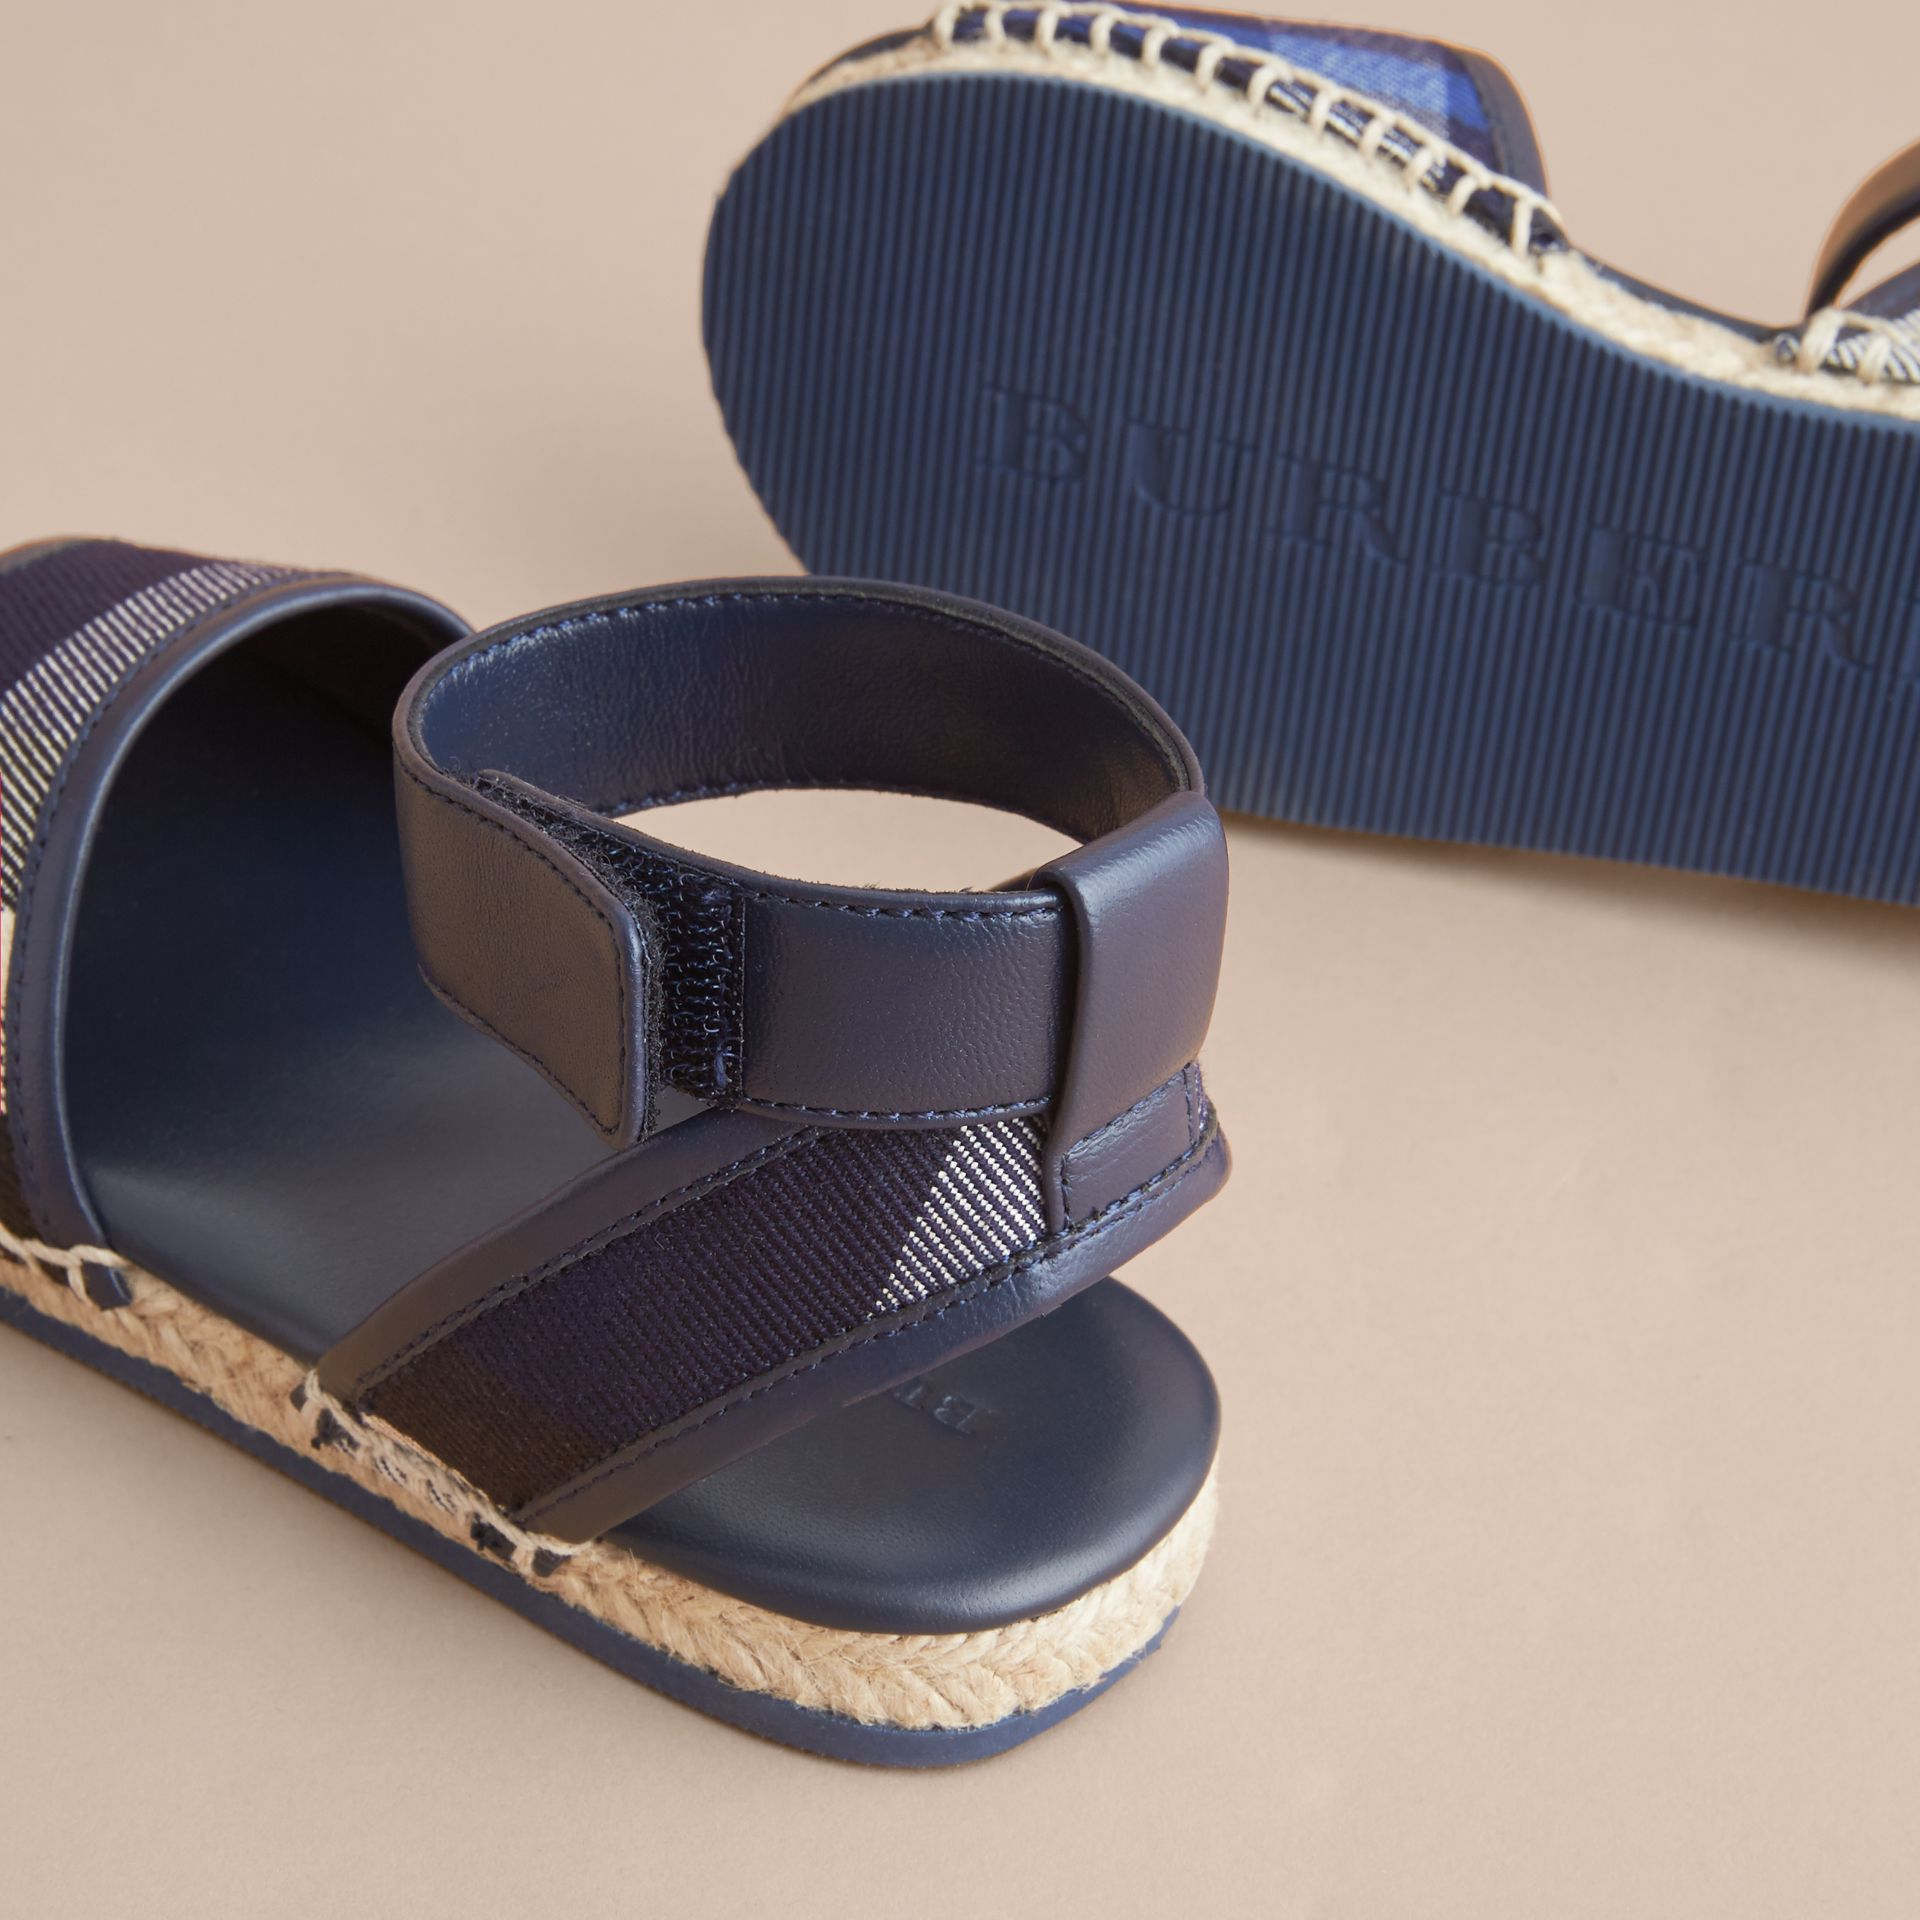 Sandali espadrillas in cotone con motivo House check e cinturino alla caviglia in pelle (Zaffiro Intenso) | Burberry - immagine della galleria 1